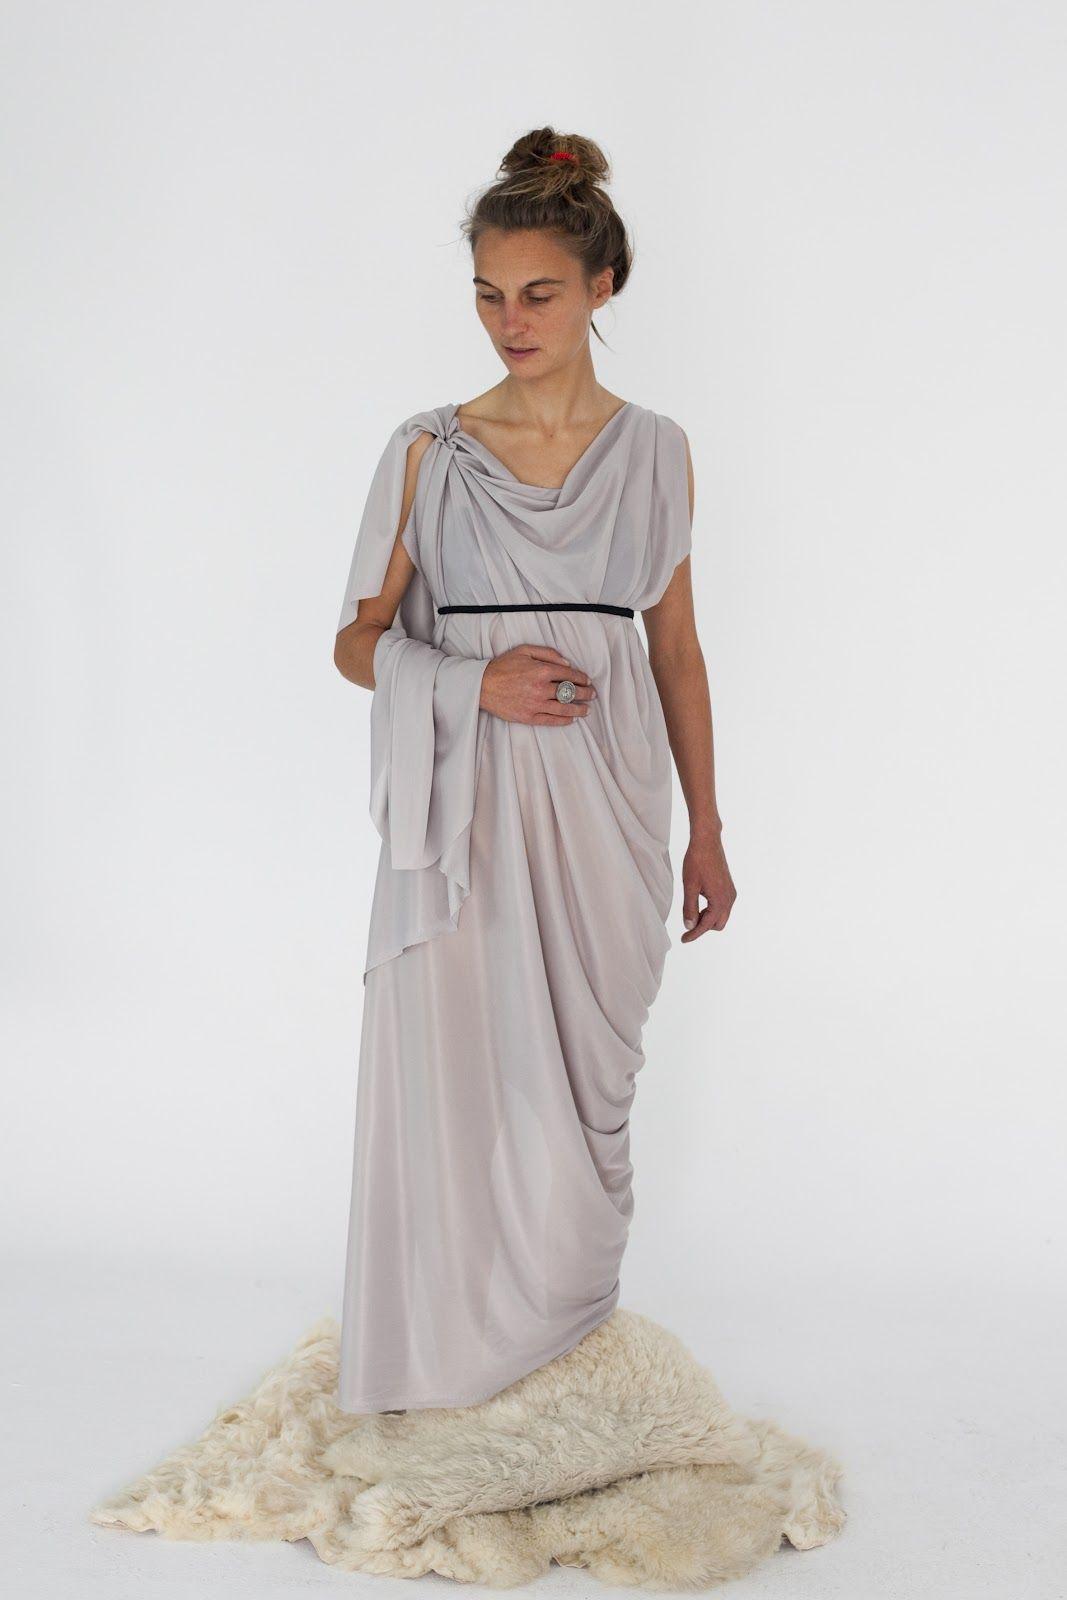 Similia Similibus Peplos Roman Dress Roman Fashion Ancient Dress